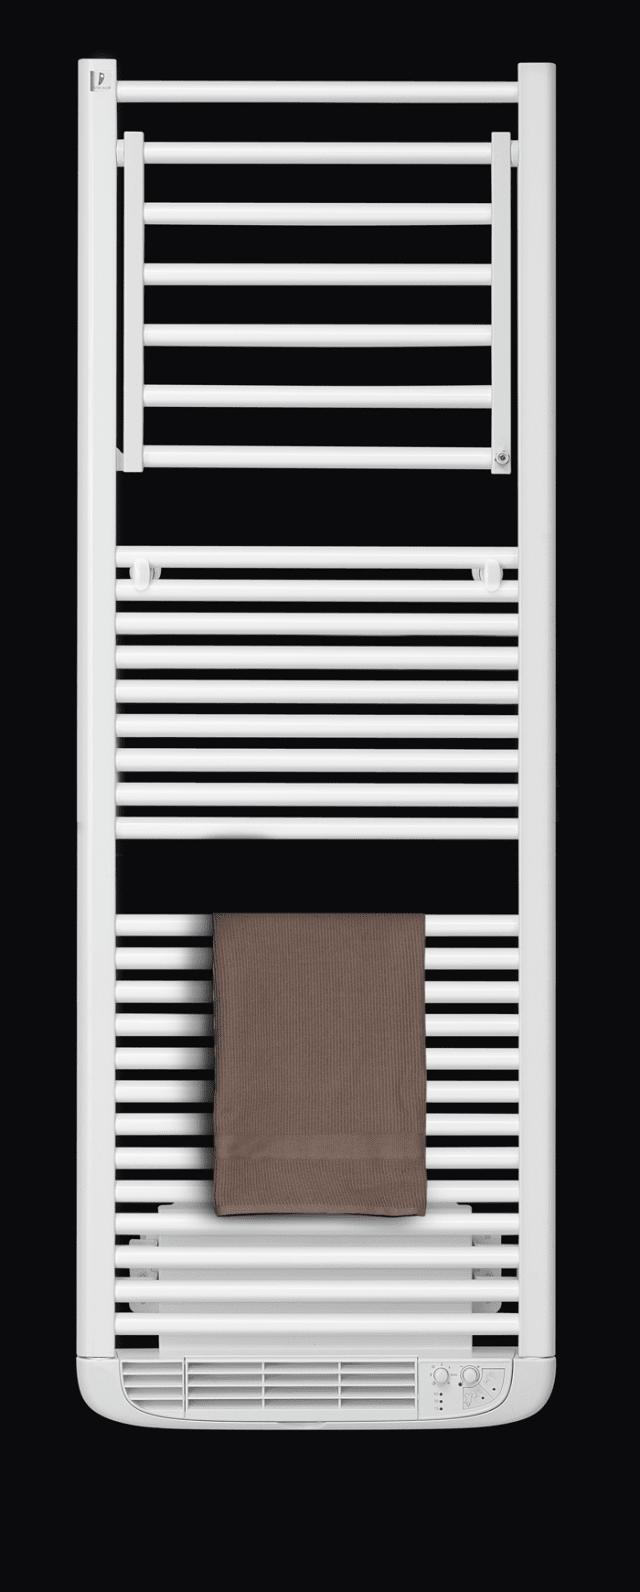 """Dryer Plus di Deltacalor: prodotto multifunzione """"3 in 1"""", che ribaltando a squadra il suo diffusore si trasforma in un utile e pratico stendino asciuga biancheria. Il tasto Dryer aziona termoventilatore estremamente silenzioso e veloce che, unito al deflettore orientabile in più posizioni da 0 a 90°, permette di ottimizzare la convezione dell'aria mentre il tasto Boost attiva una ventilazione più diffusa nell'ambiente permettendo un riscaldamento uniforme del bagno."""